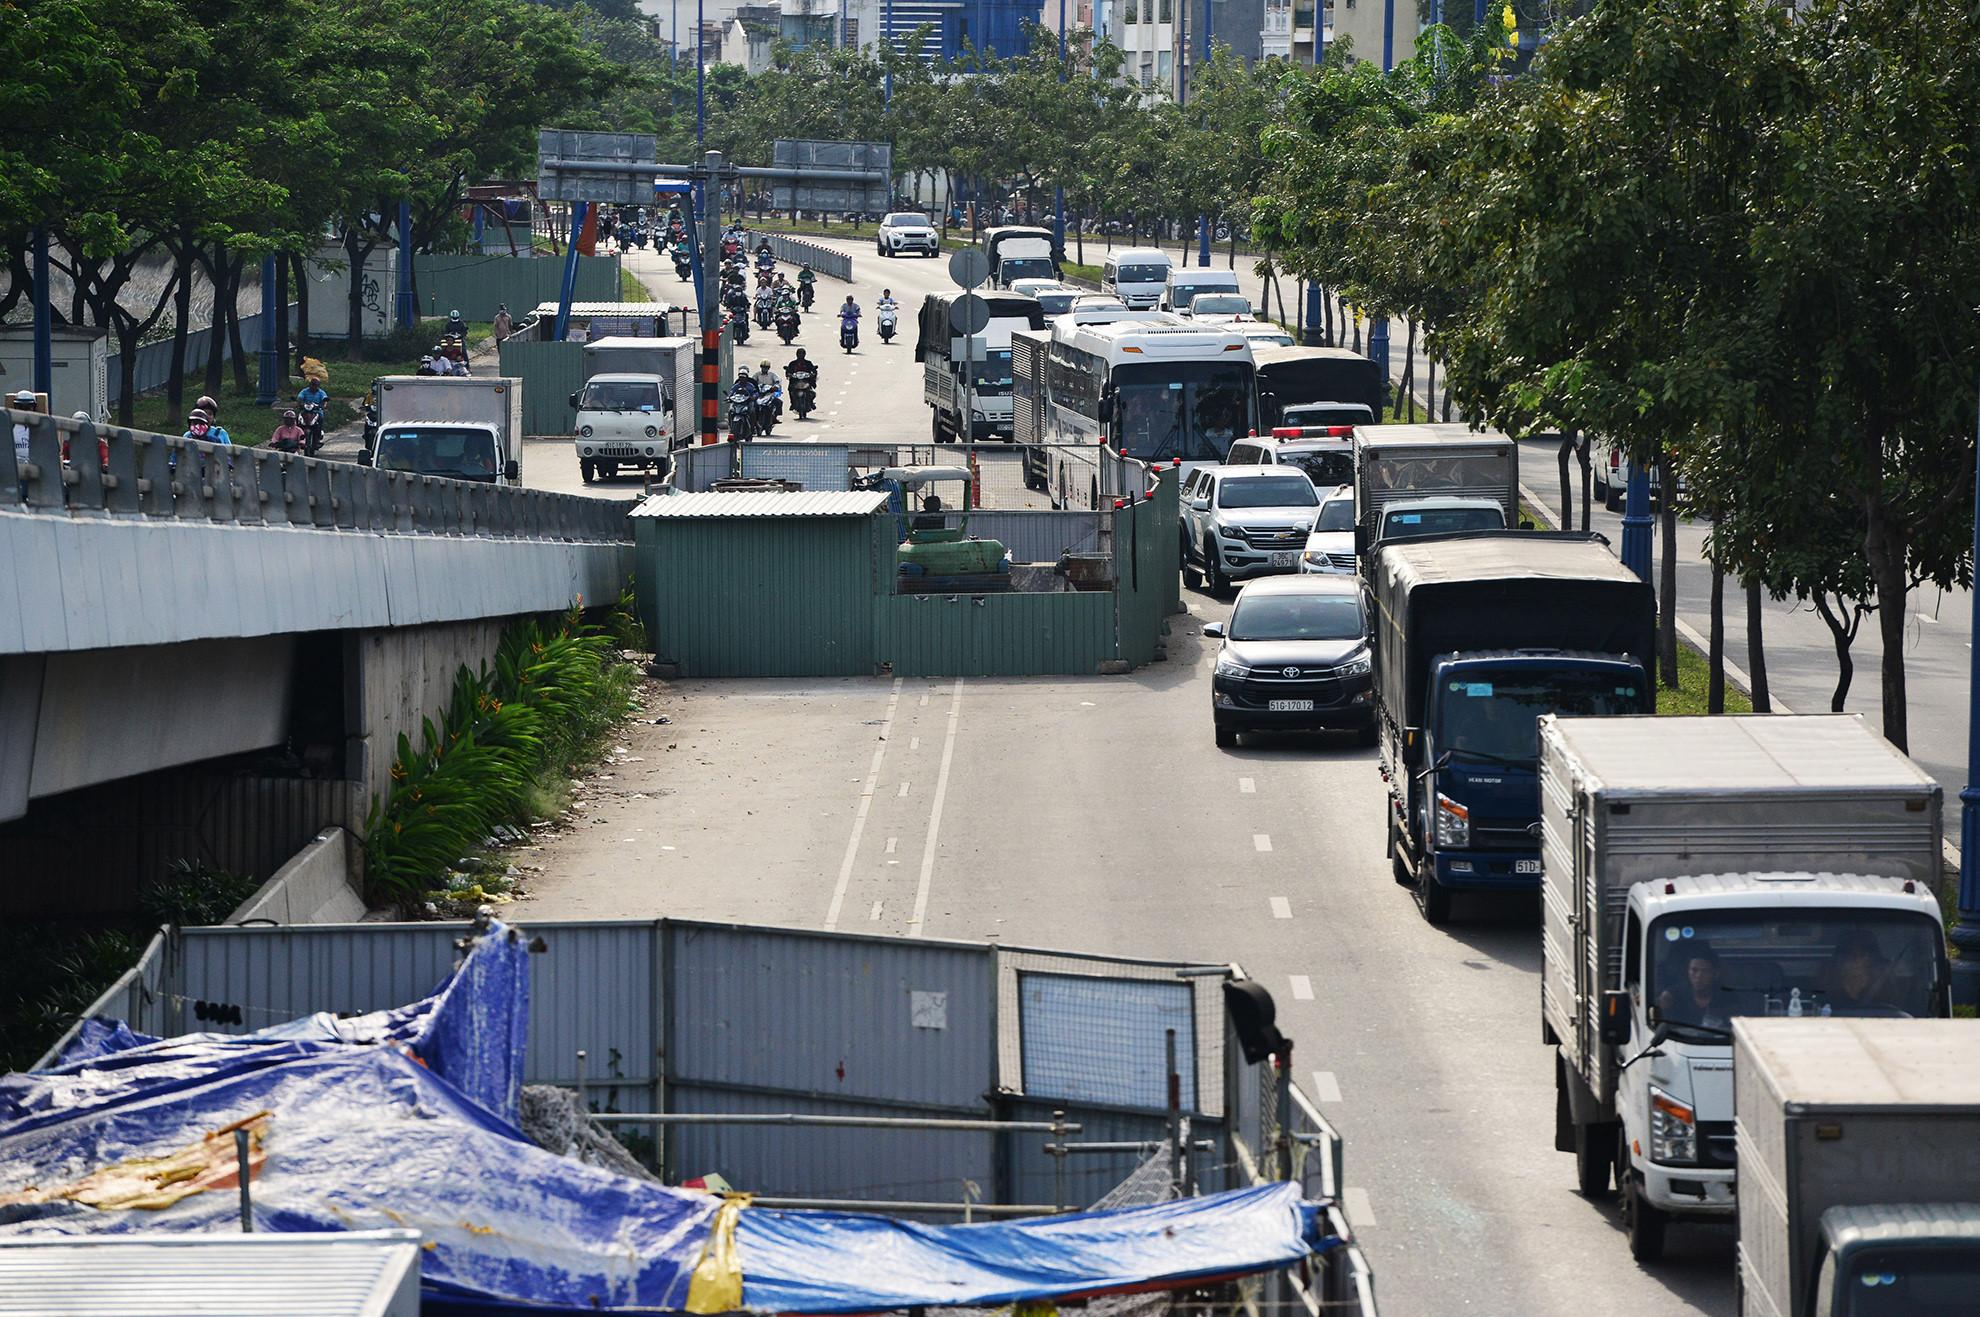 Cuối năm, lô cốt lại mọc lên khắp đường Sài Gòn Ảnh 8